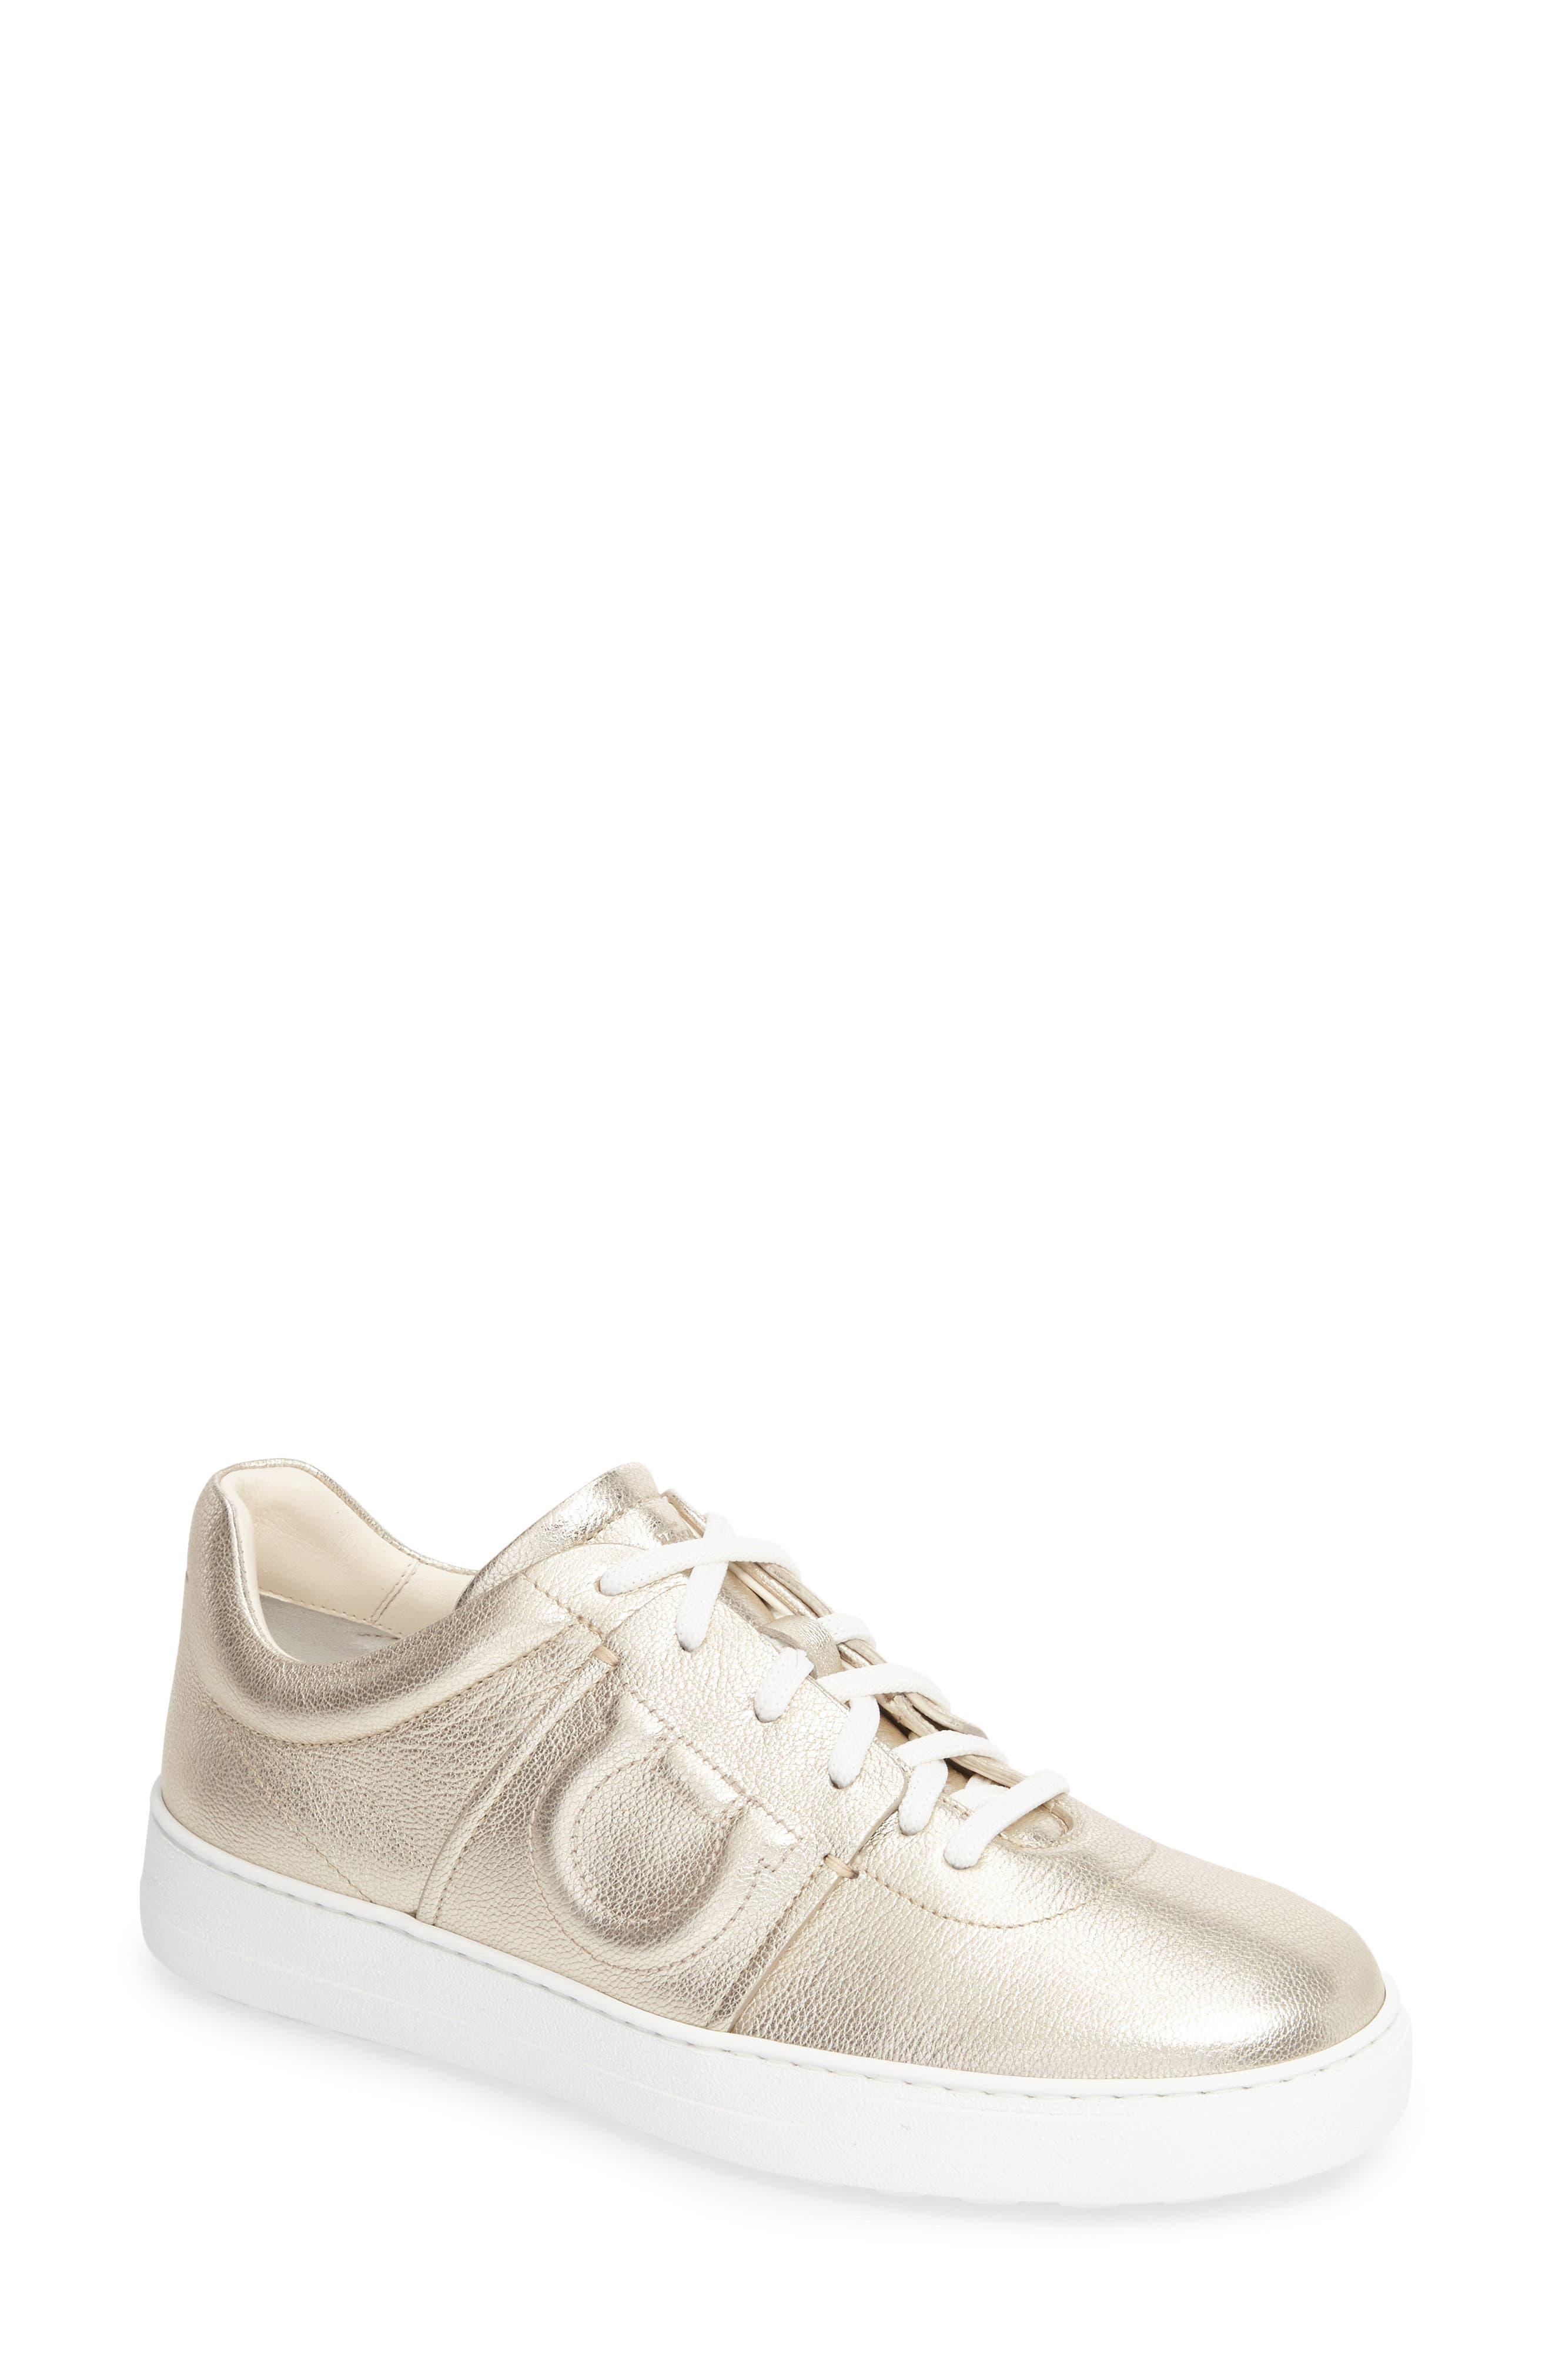 Salvatore Ferragamo Gancio Print Sneaker (Women)